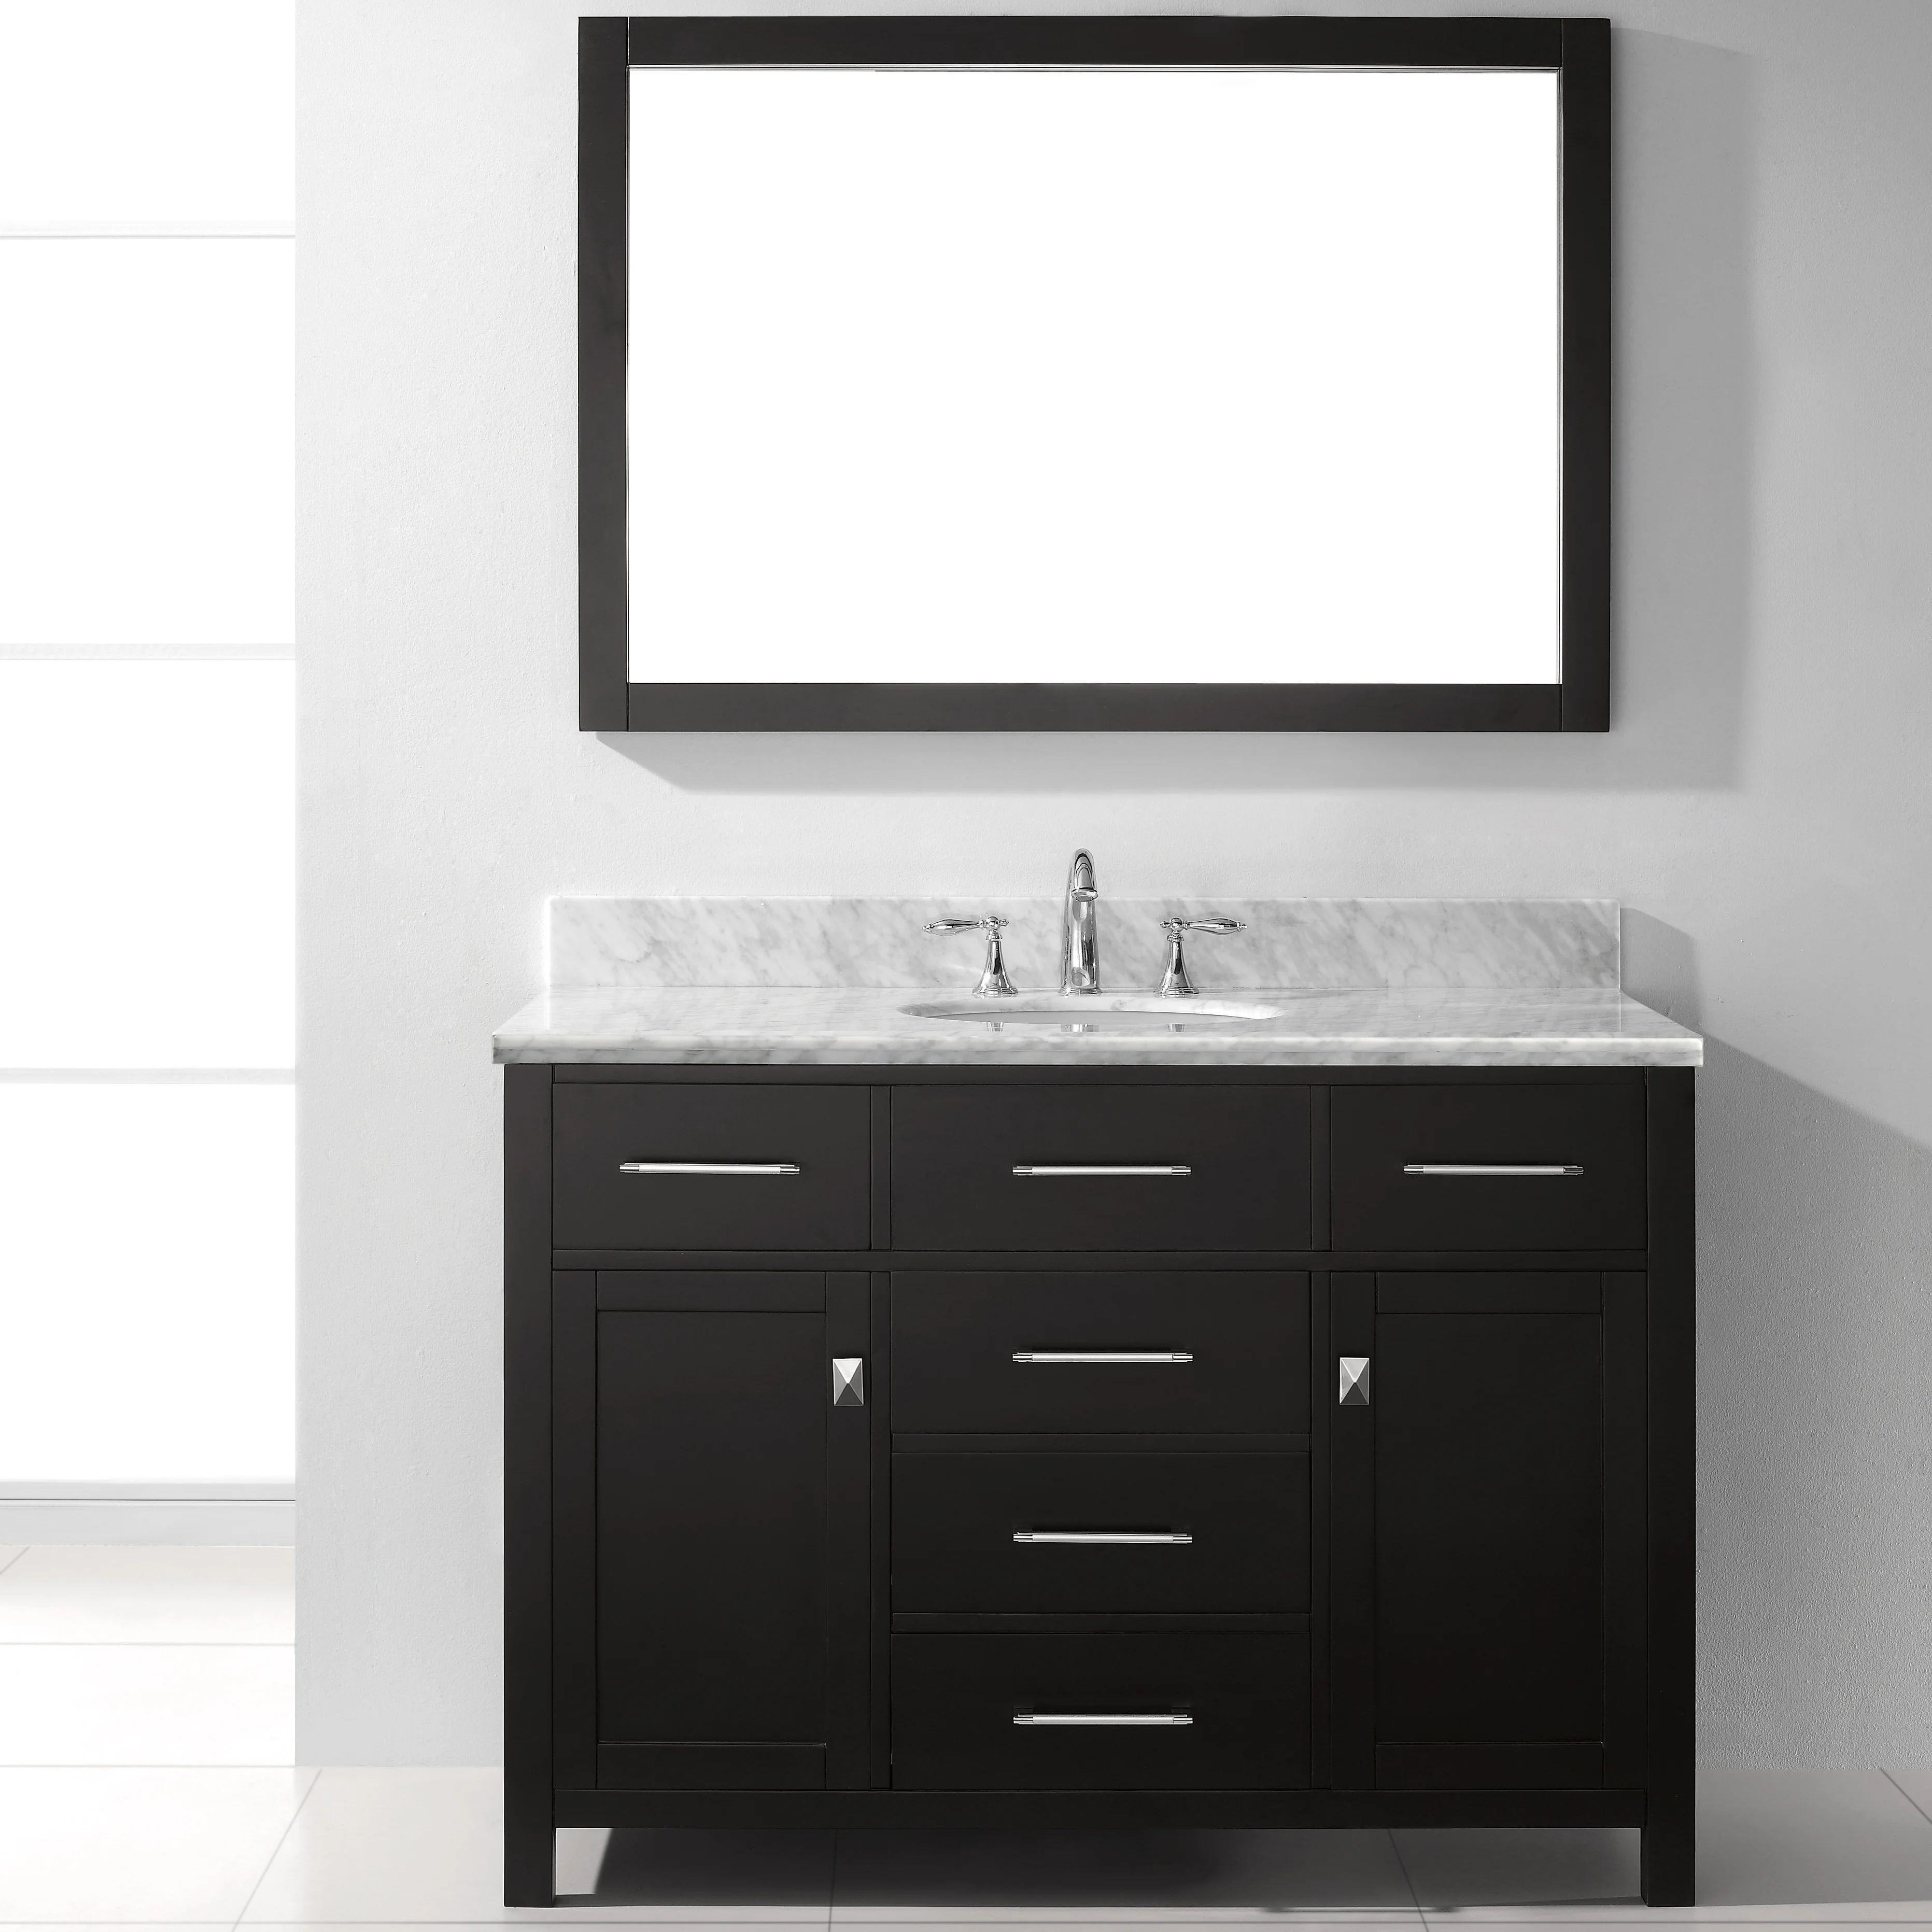 48 bathroom vanity without top - best bathroom 2017